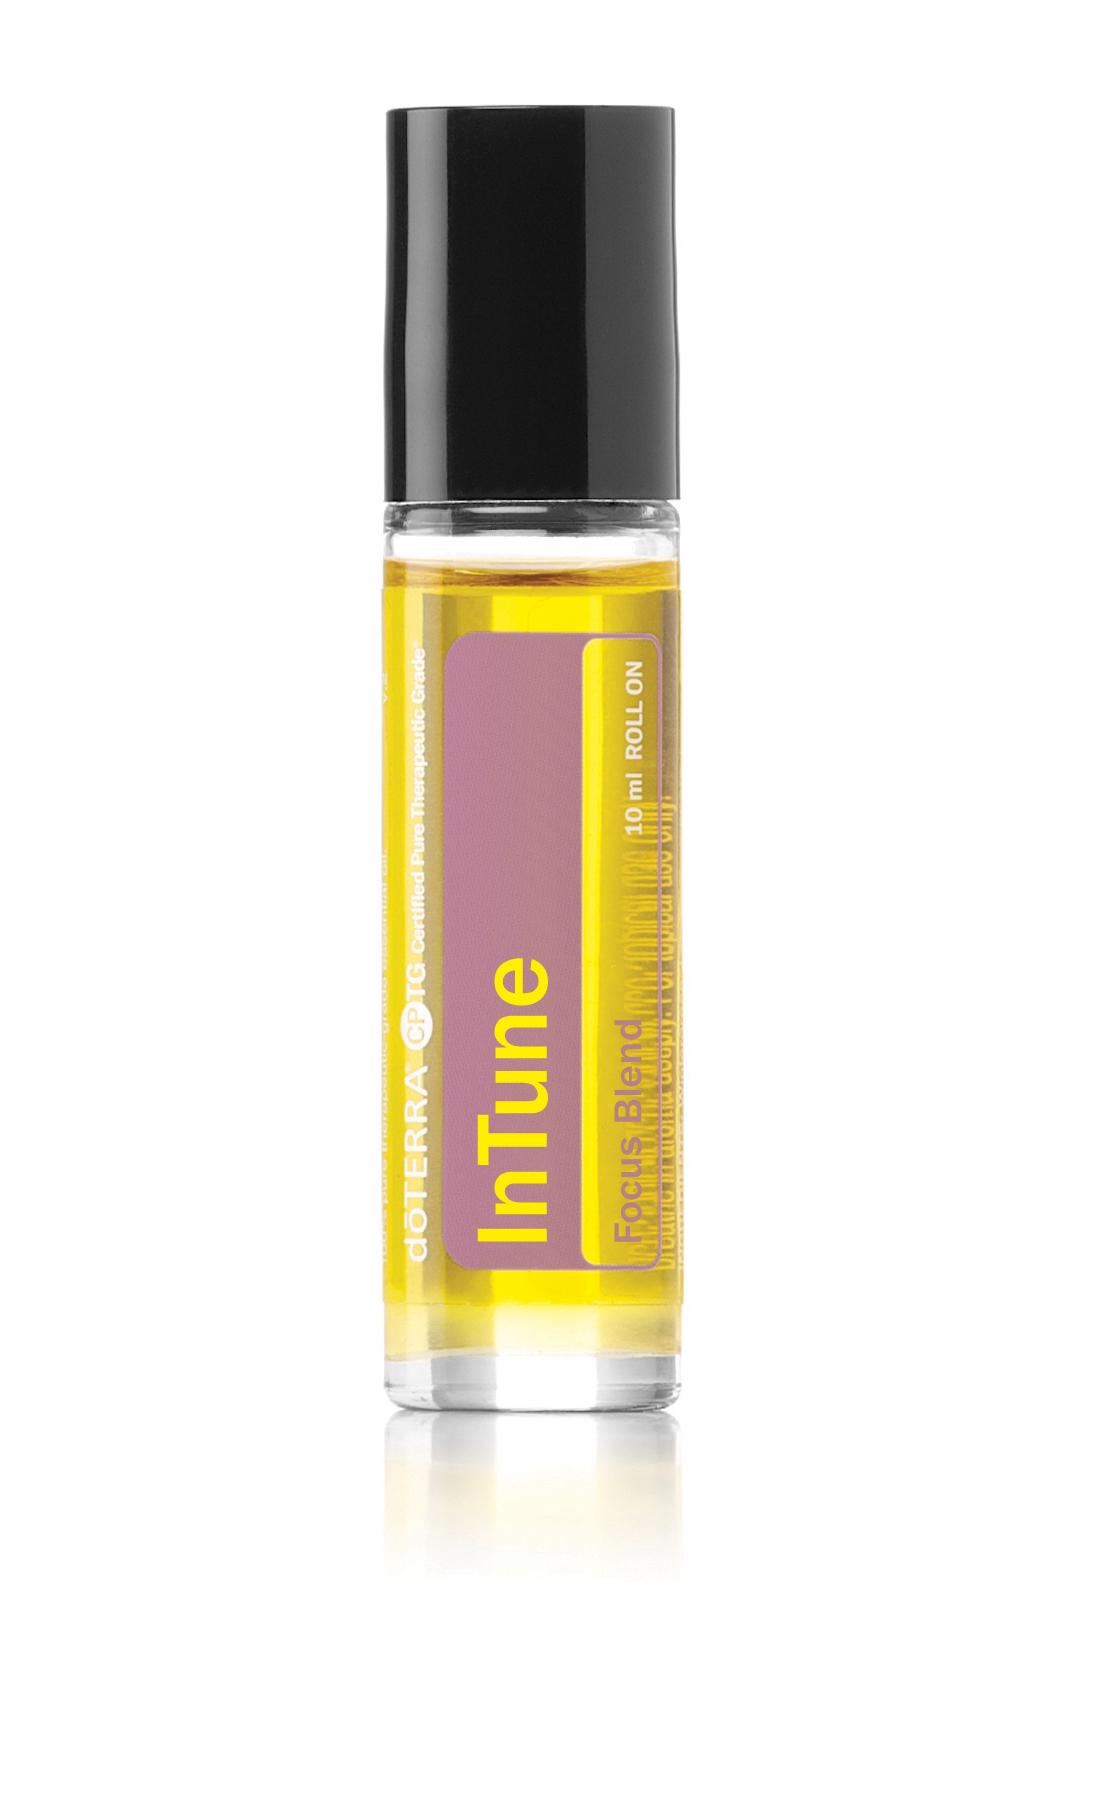 InTune® Focus Essential Oils Blend